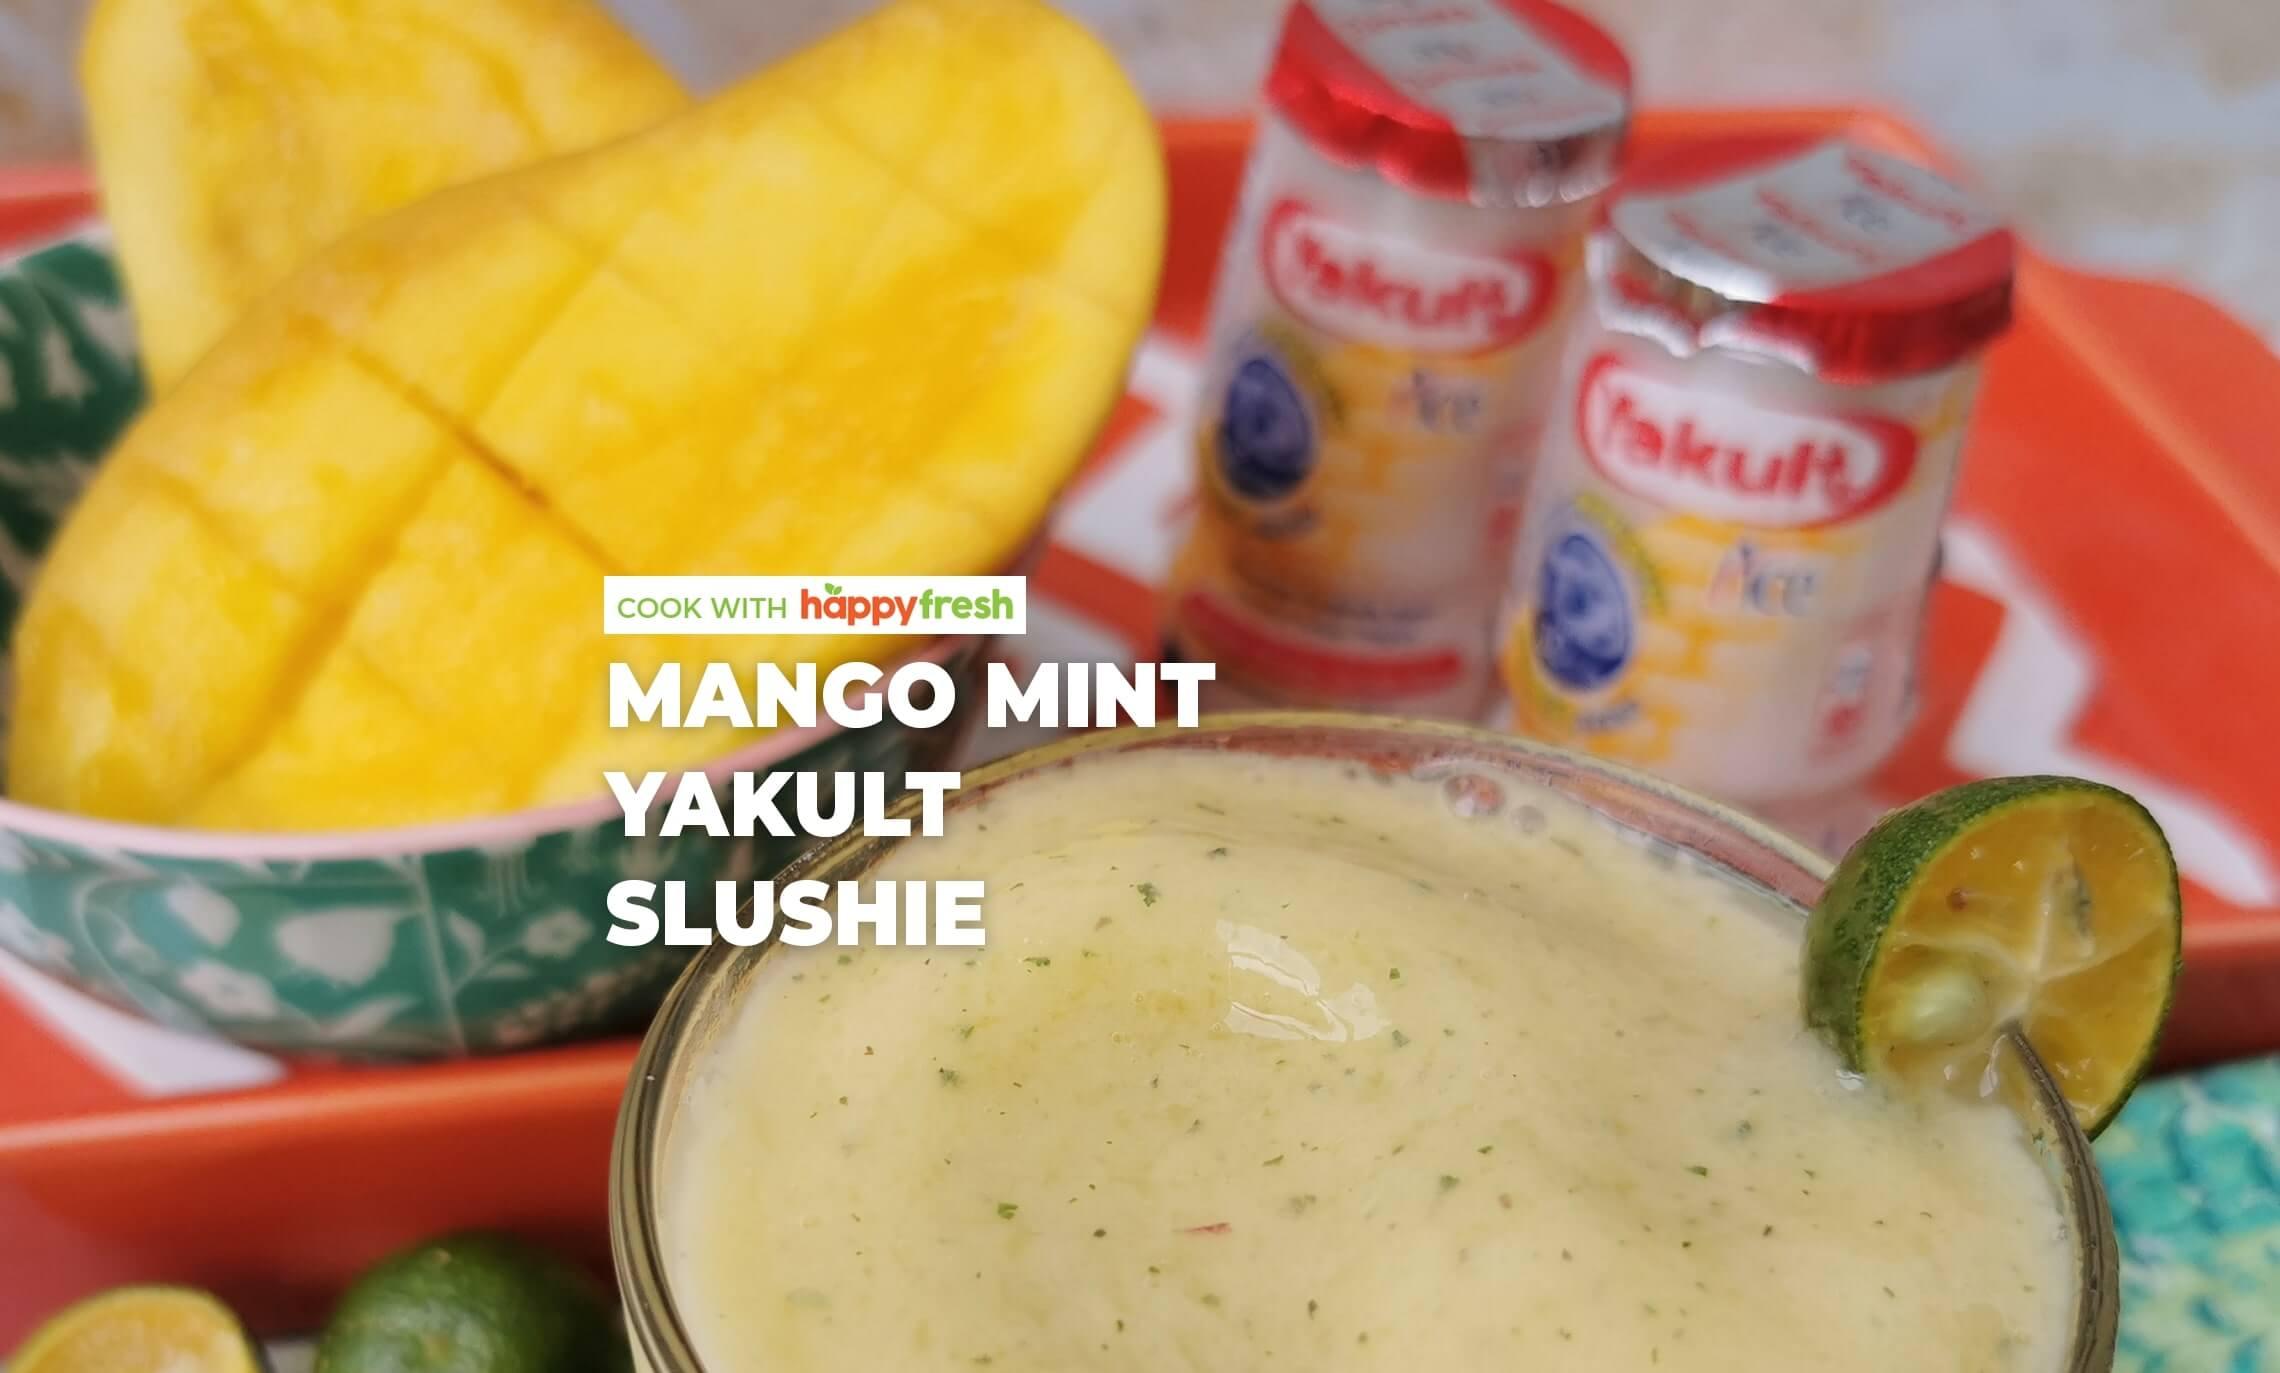 Mango mint yakult slushie